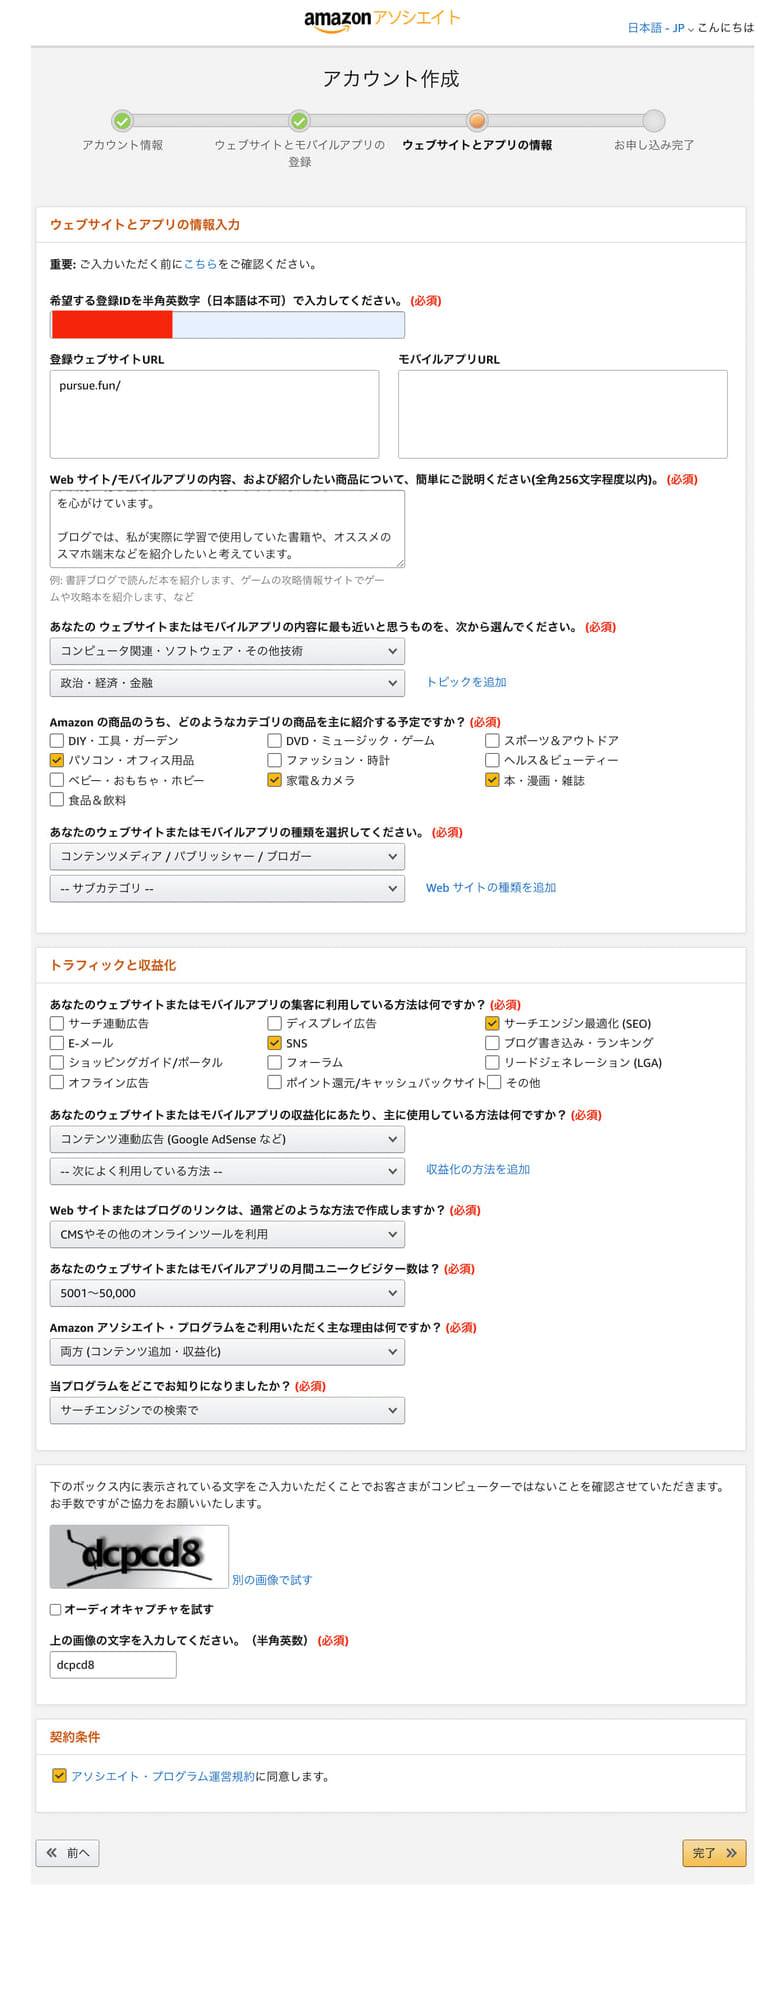 Amazonアソシエイトプログラムのウェブサイト情報を記入する画面